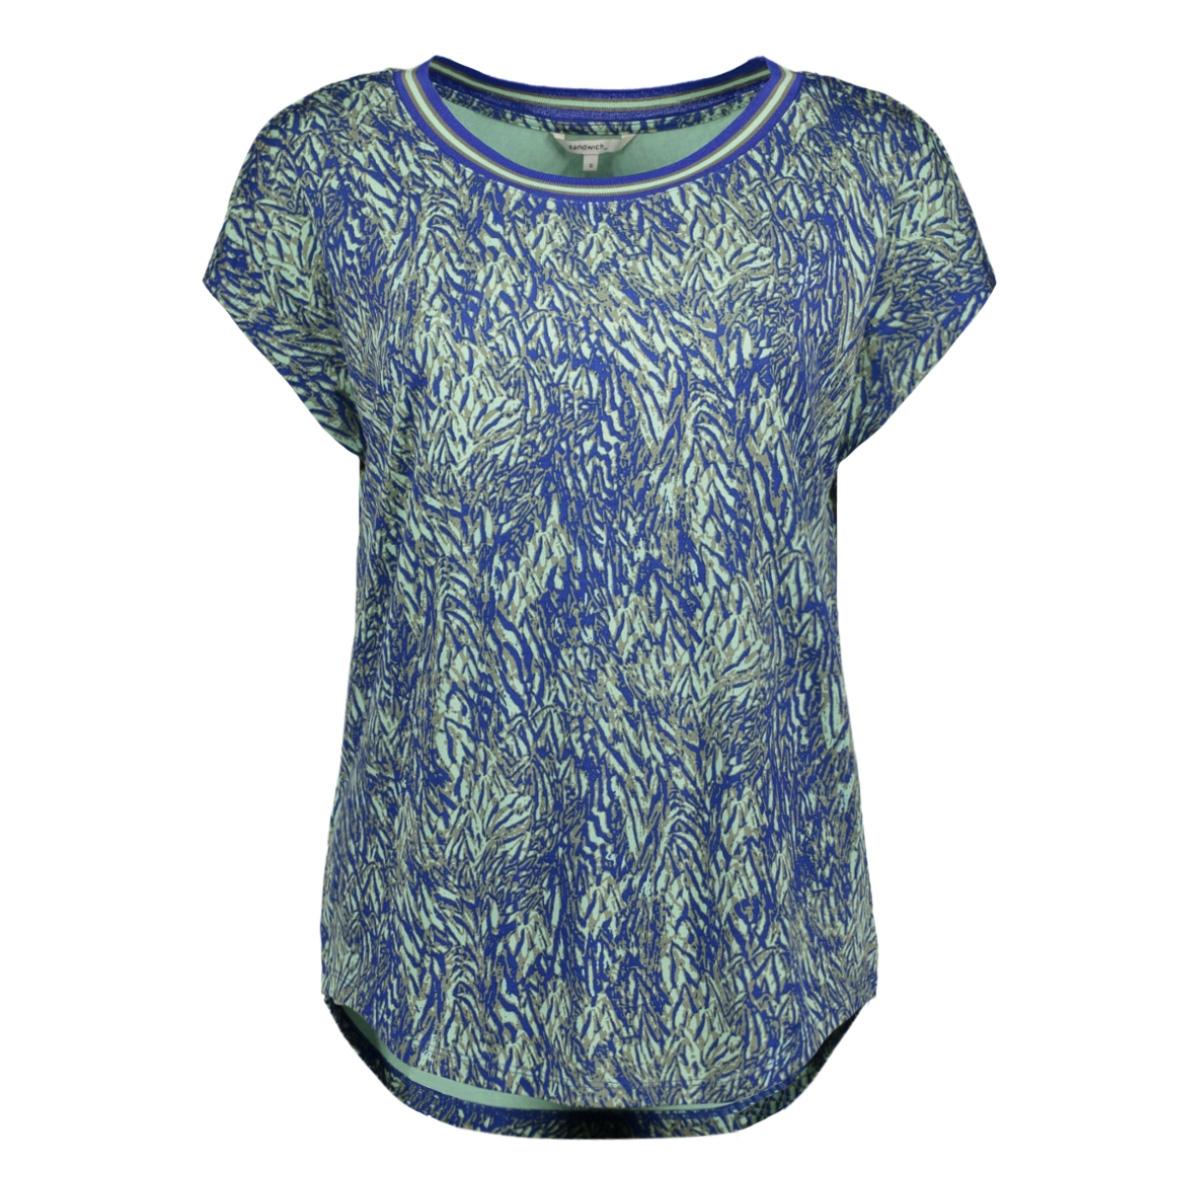 t shirt met grafische print 21101817 sandwich t-shirt 40031